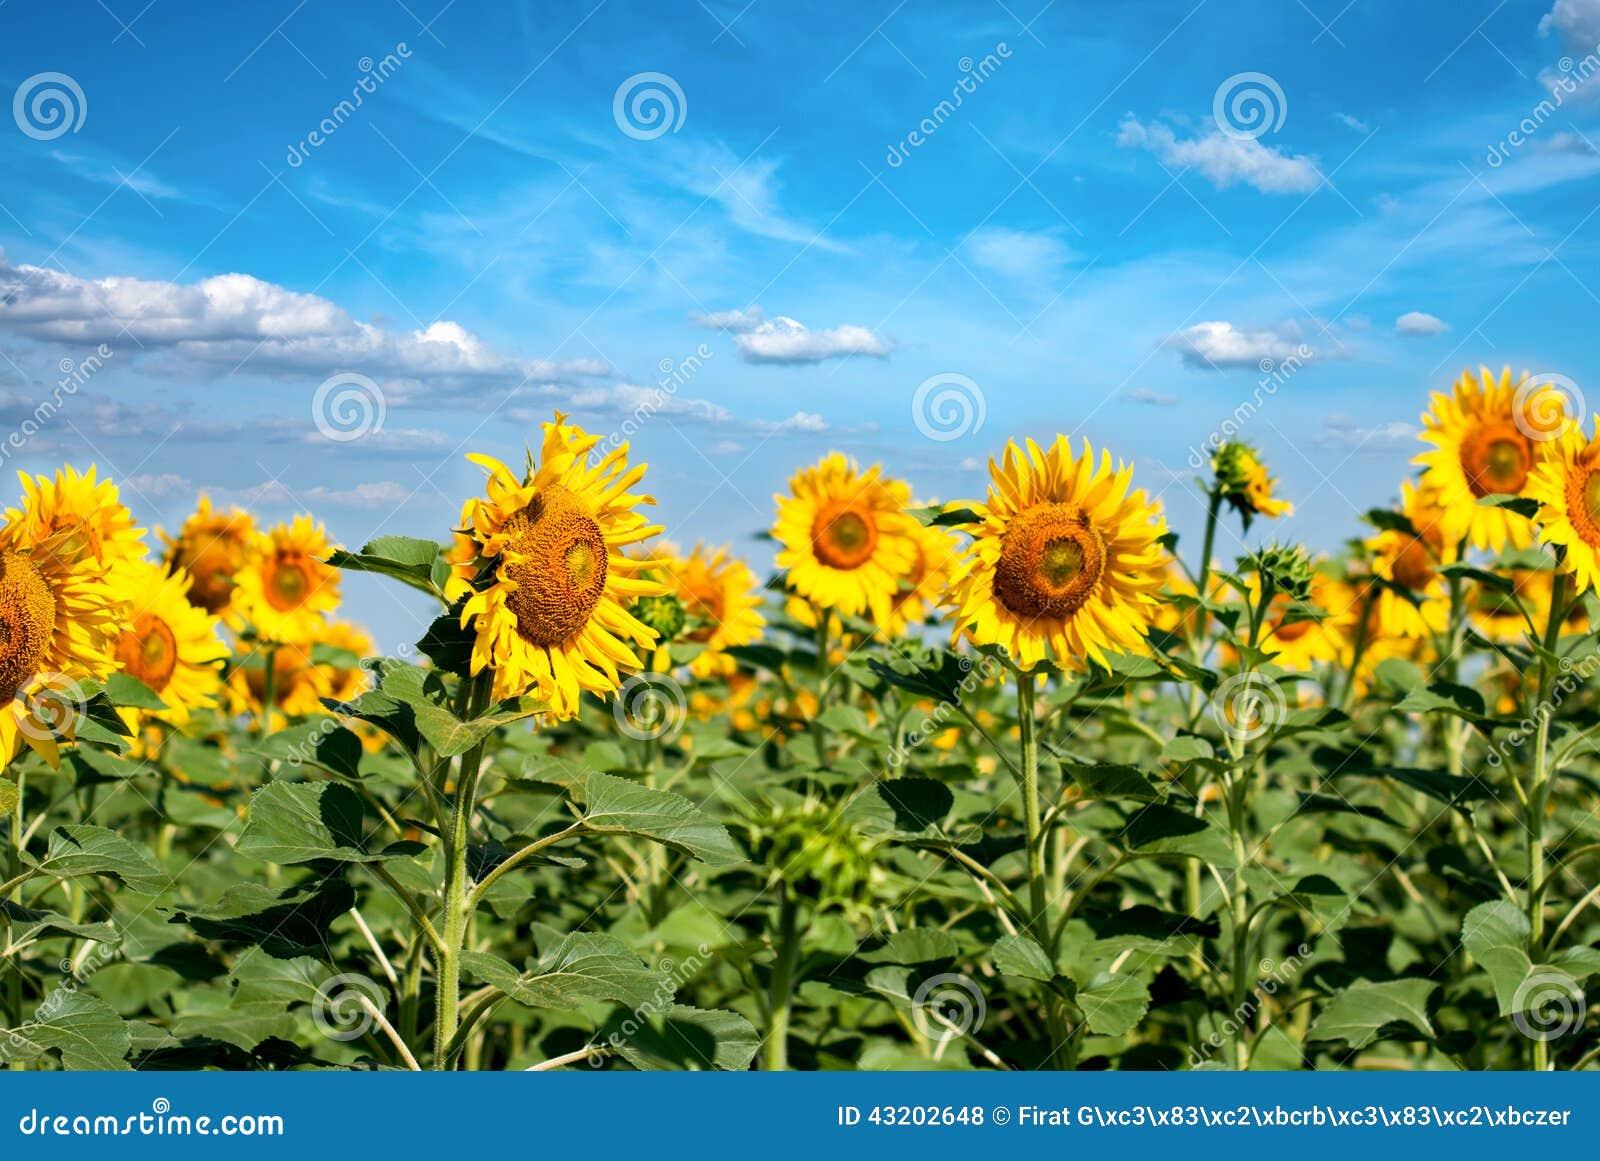 Download Härliga Solrosor Och Landskap Arkivfoto - Bild av härlig, blommor: 43202648